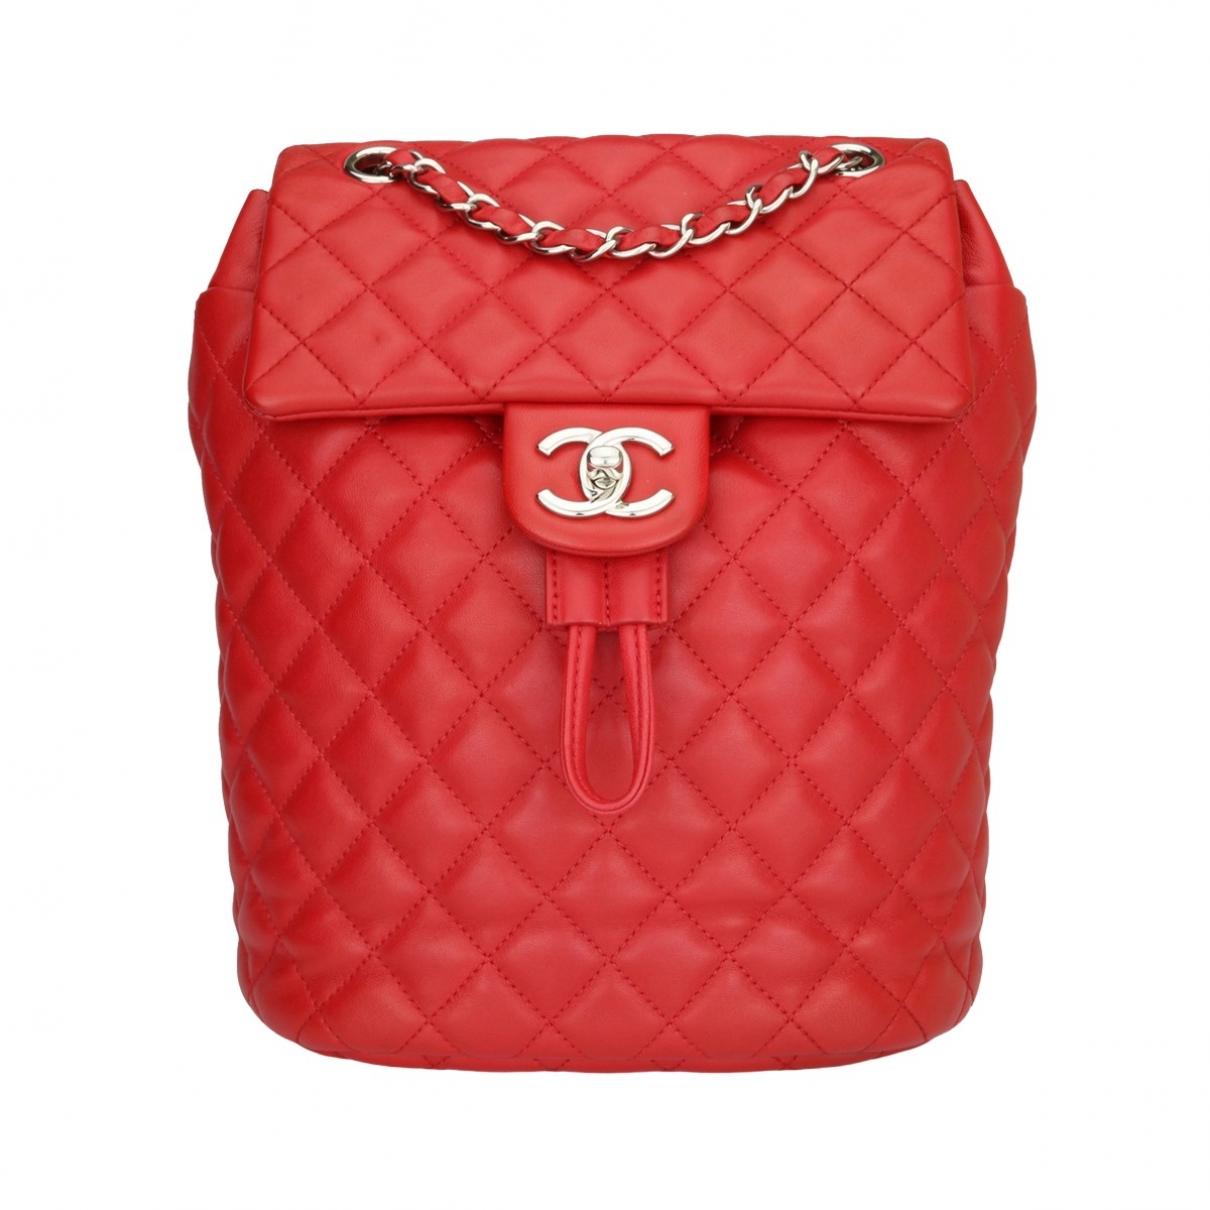 Chanel - Sac a dos   pour femme en cuir - rouge